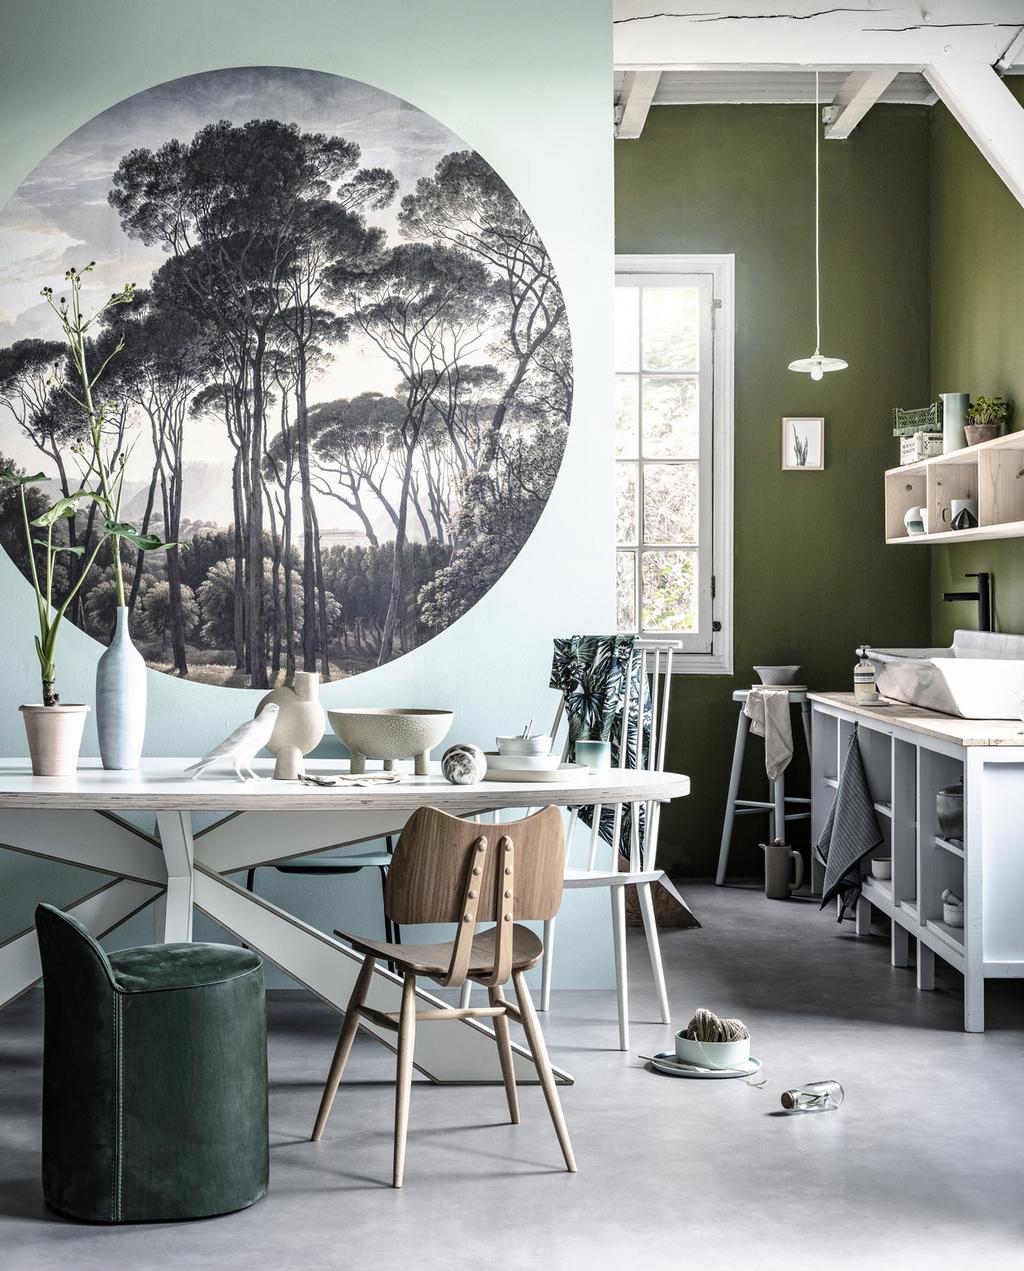 een houten eettafel dat zich in een groene eetkamer bevindt